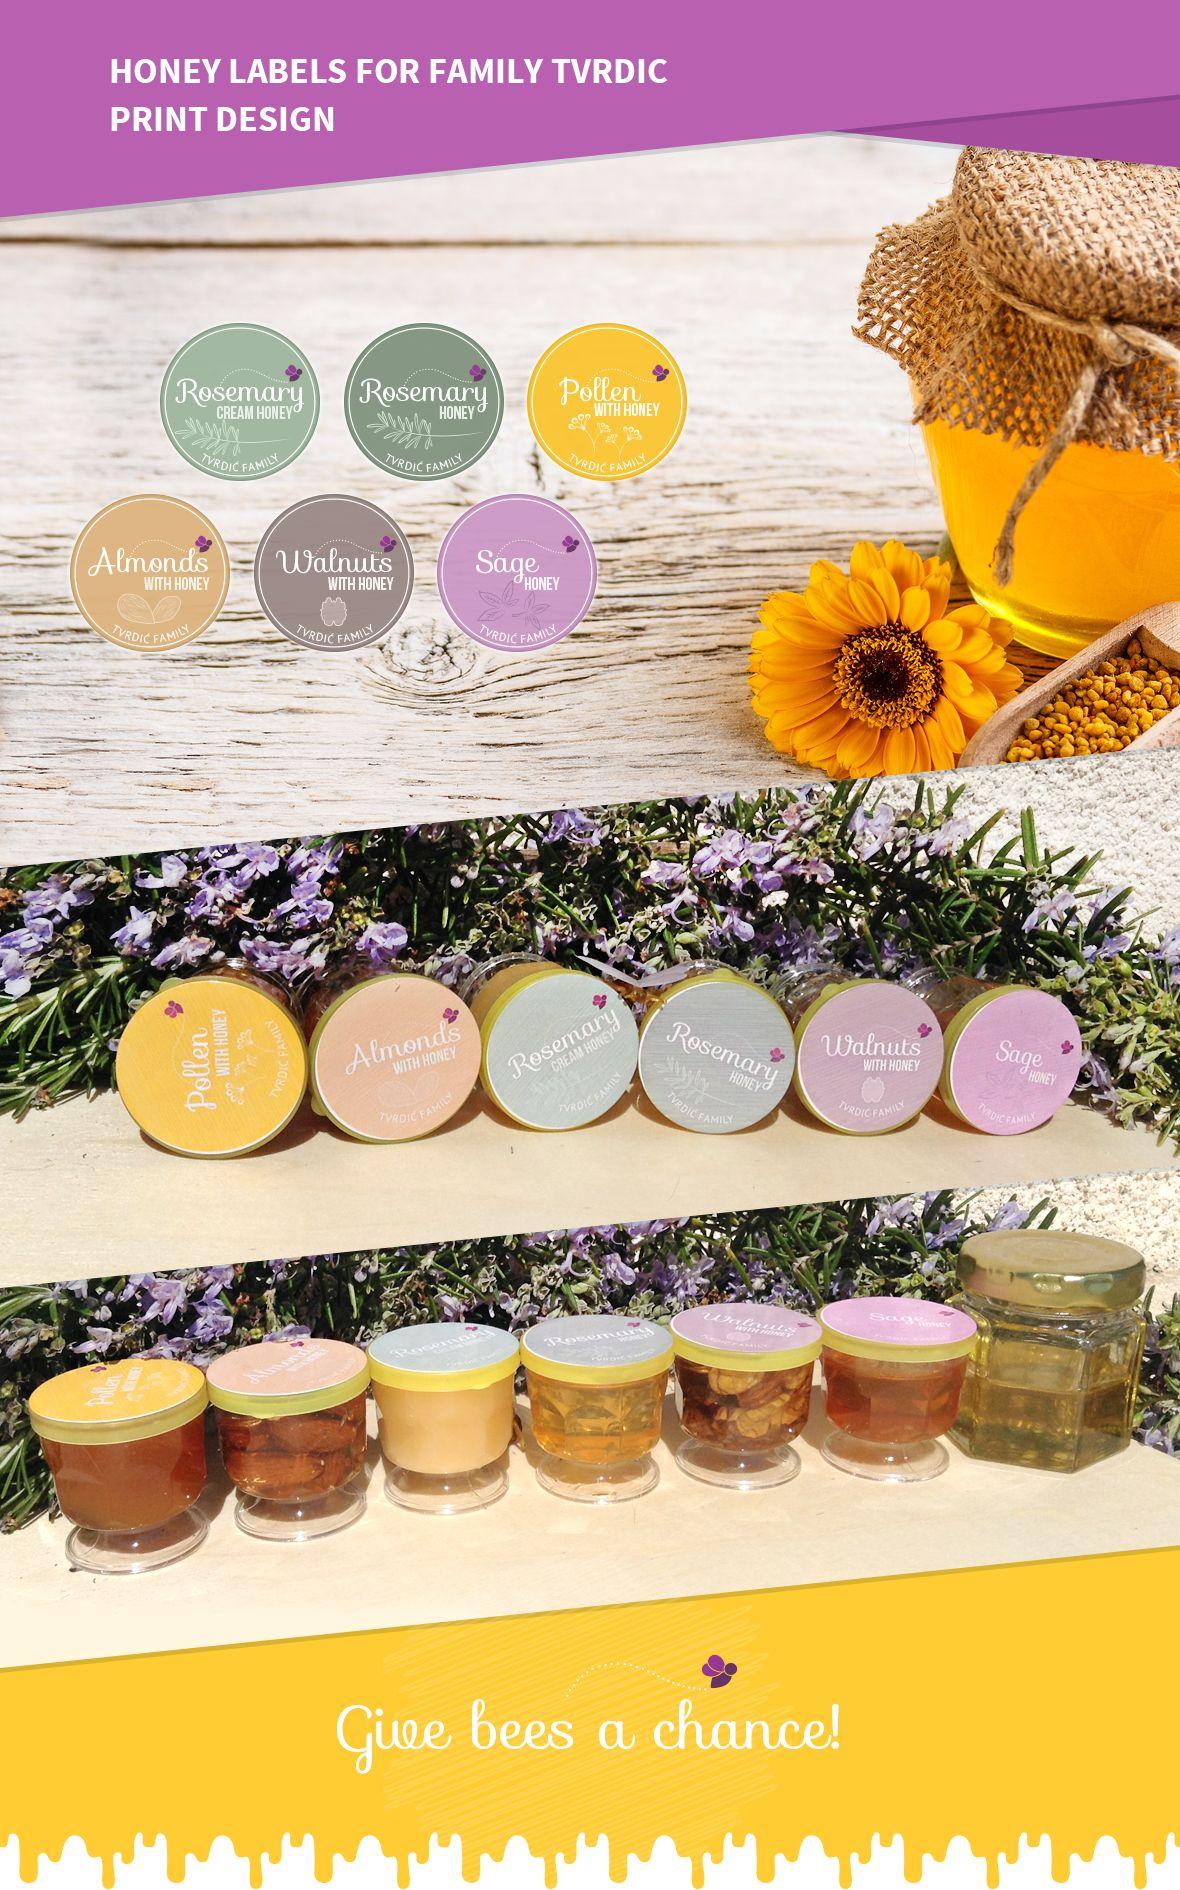 Honey Labels for Tvrdic Family